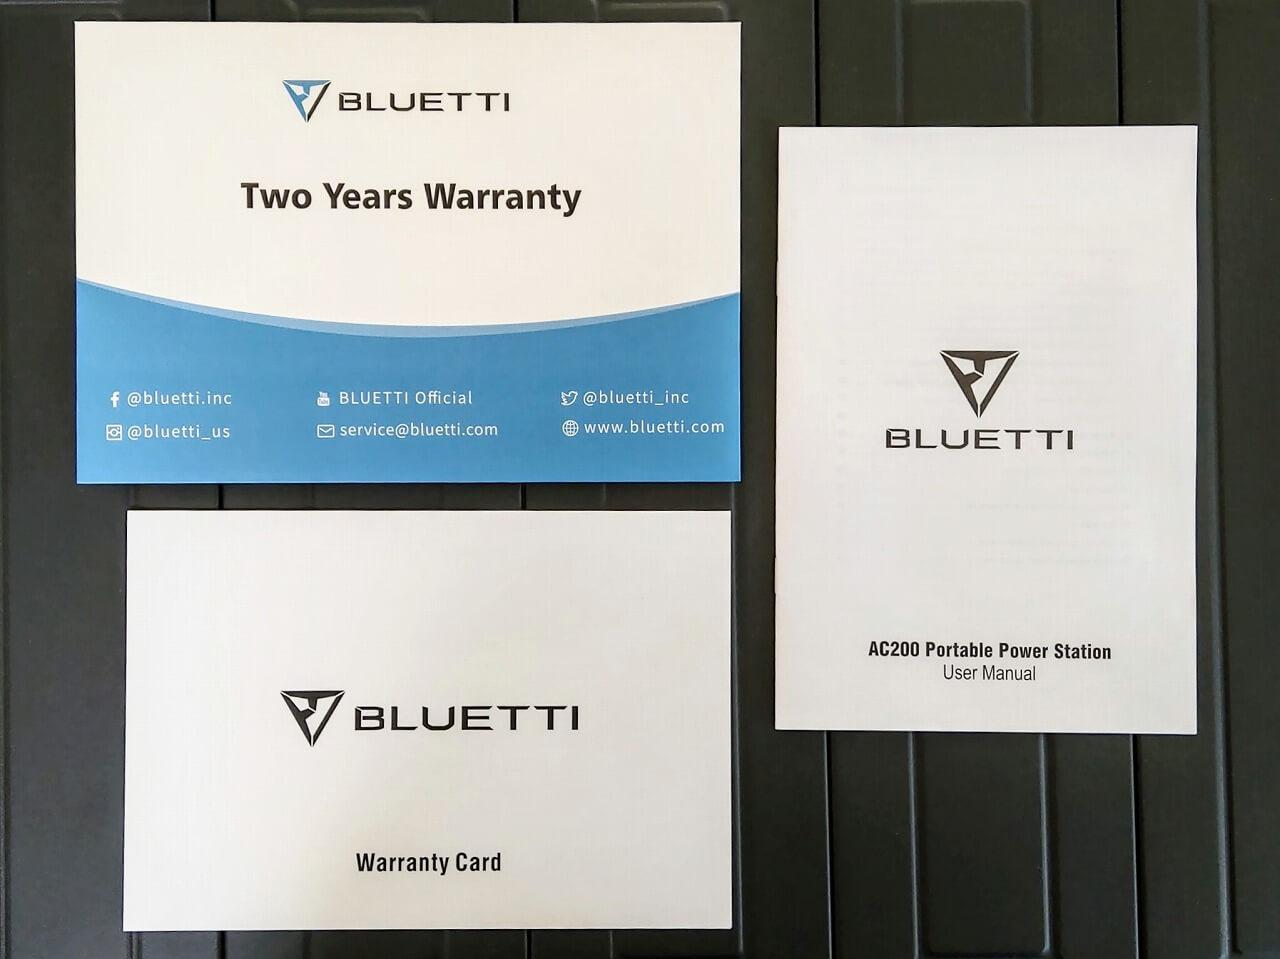 BLUETTI ポータブル電源 AC200Pの保証書と取扱説明書